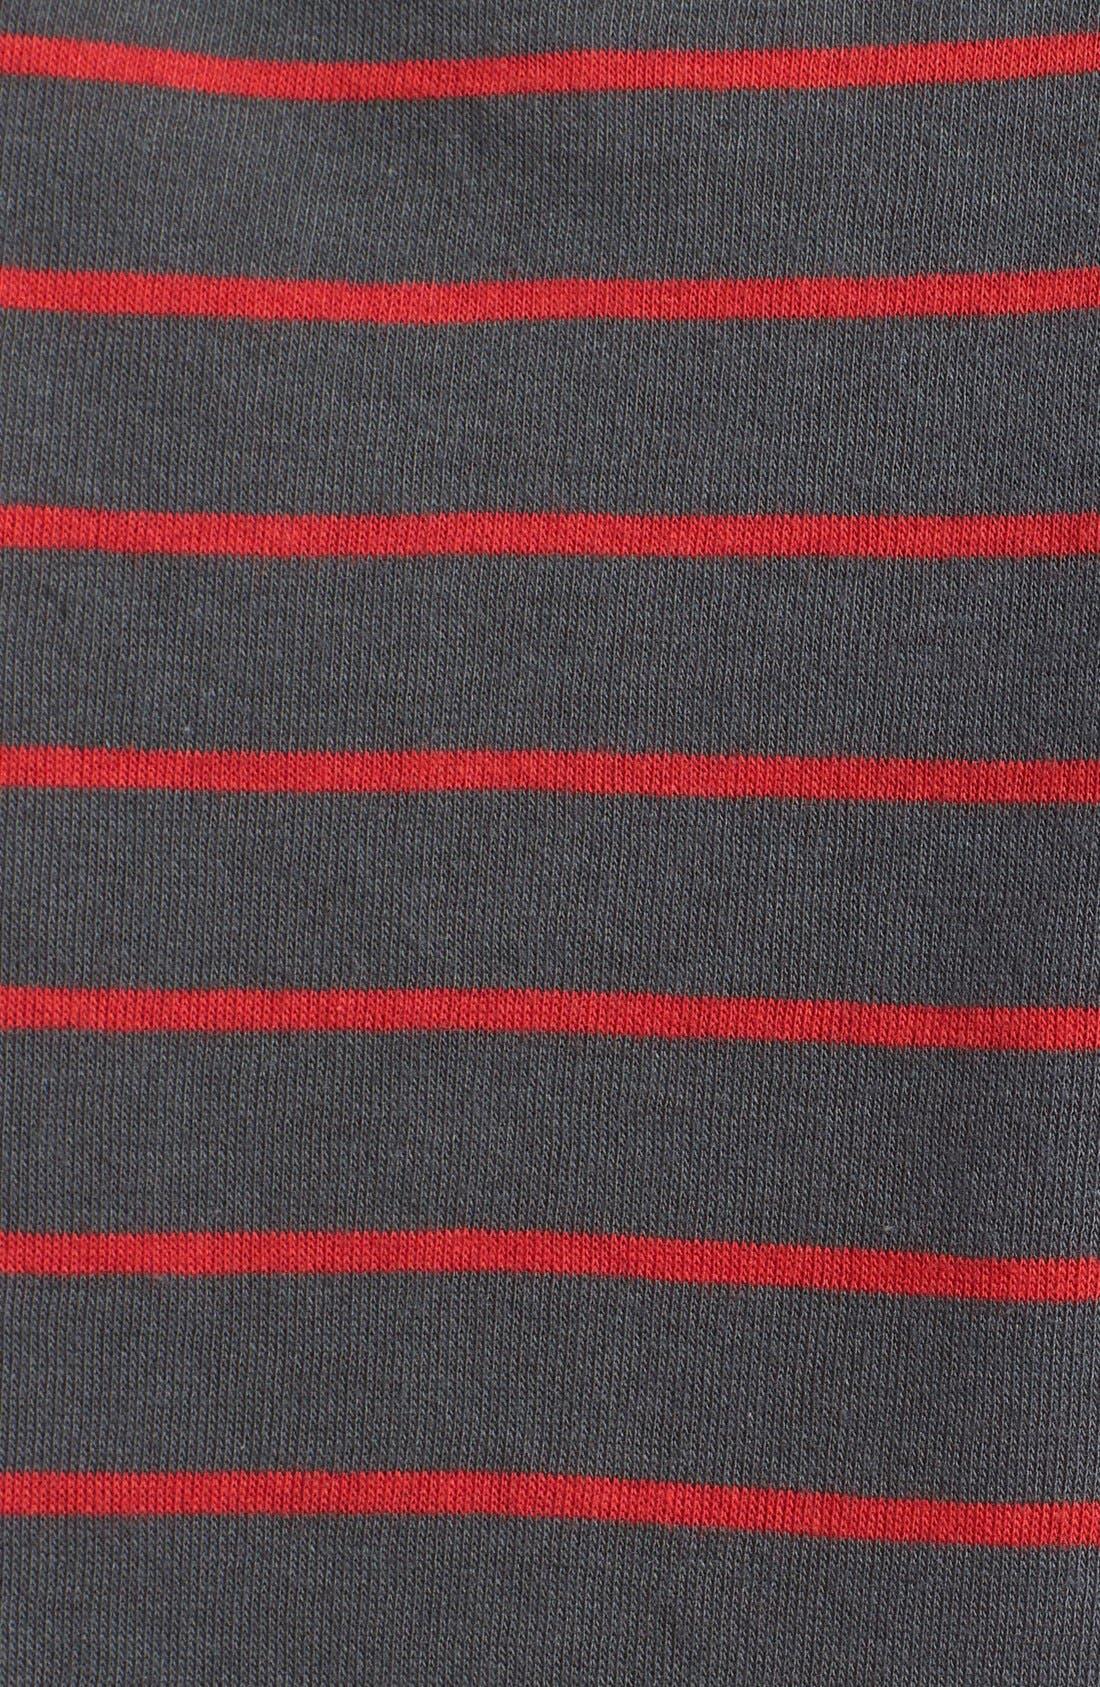 Alternate Image 3  - BP. Stripe Long Sleeve Tee (Juniors)